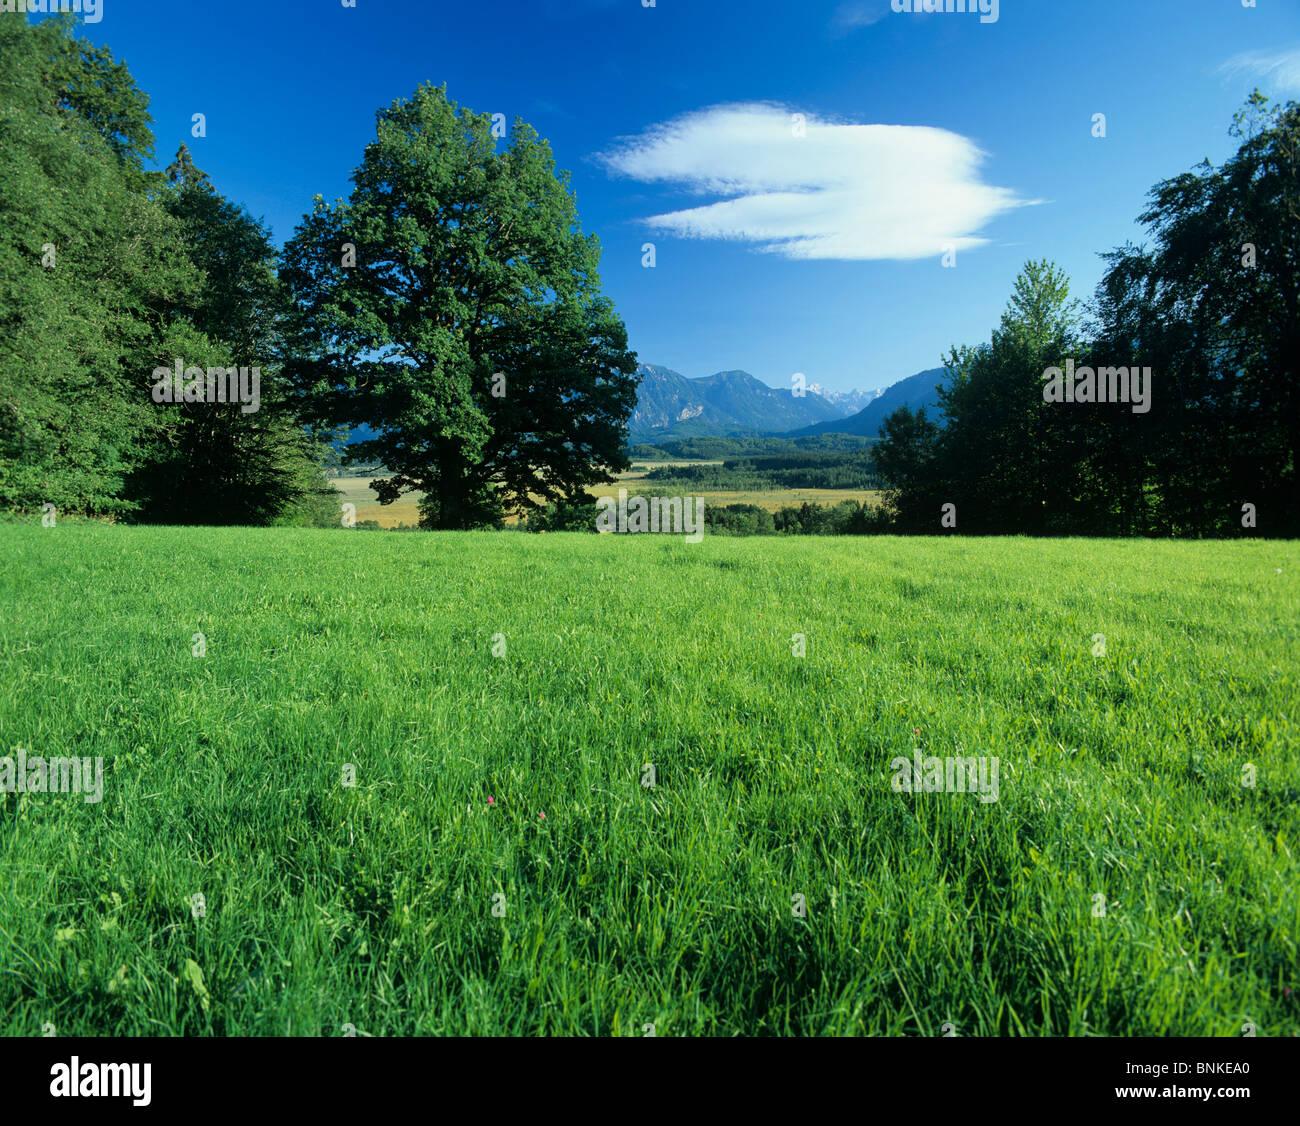 deutschland murnauer moos natur pflanzen b ume wiese feld gr ne landschaft hintergrund gebirge. Black Bedroom Furniture Sets. Home Design Ideas